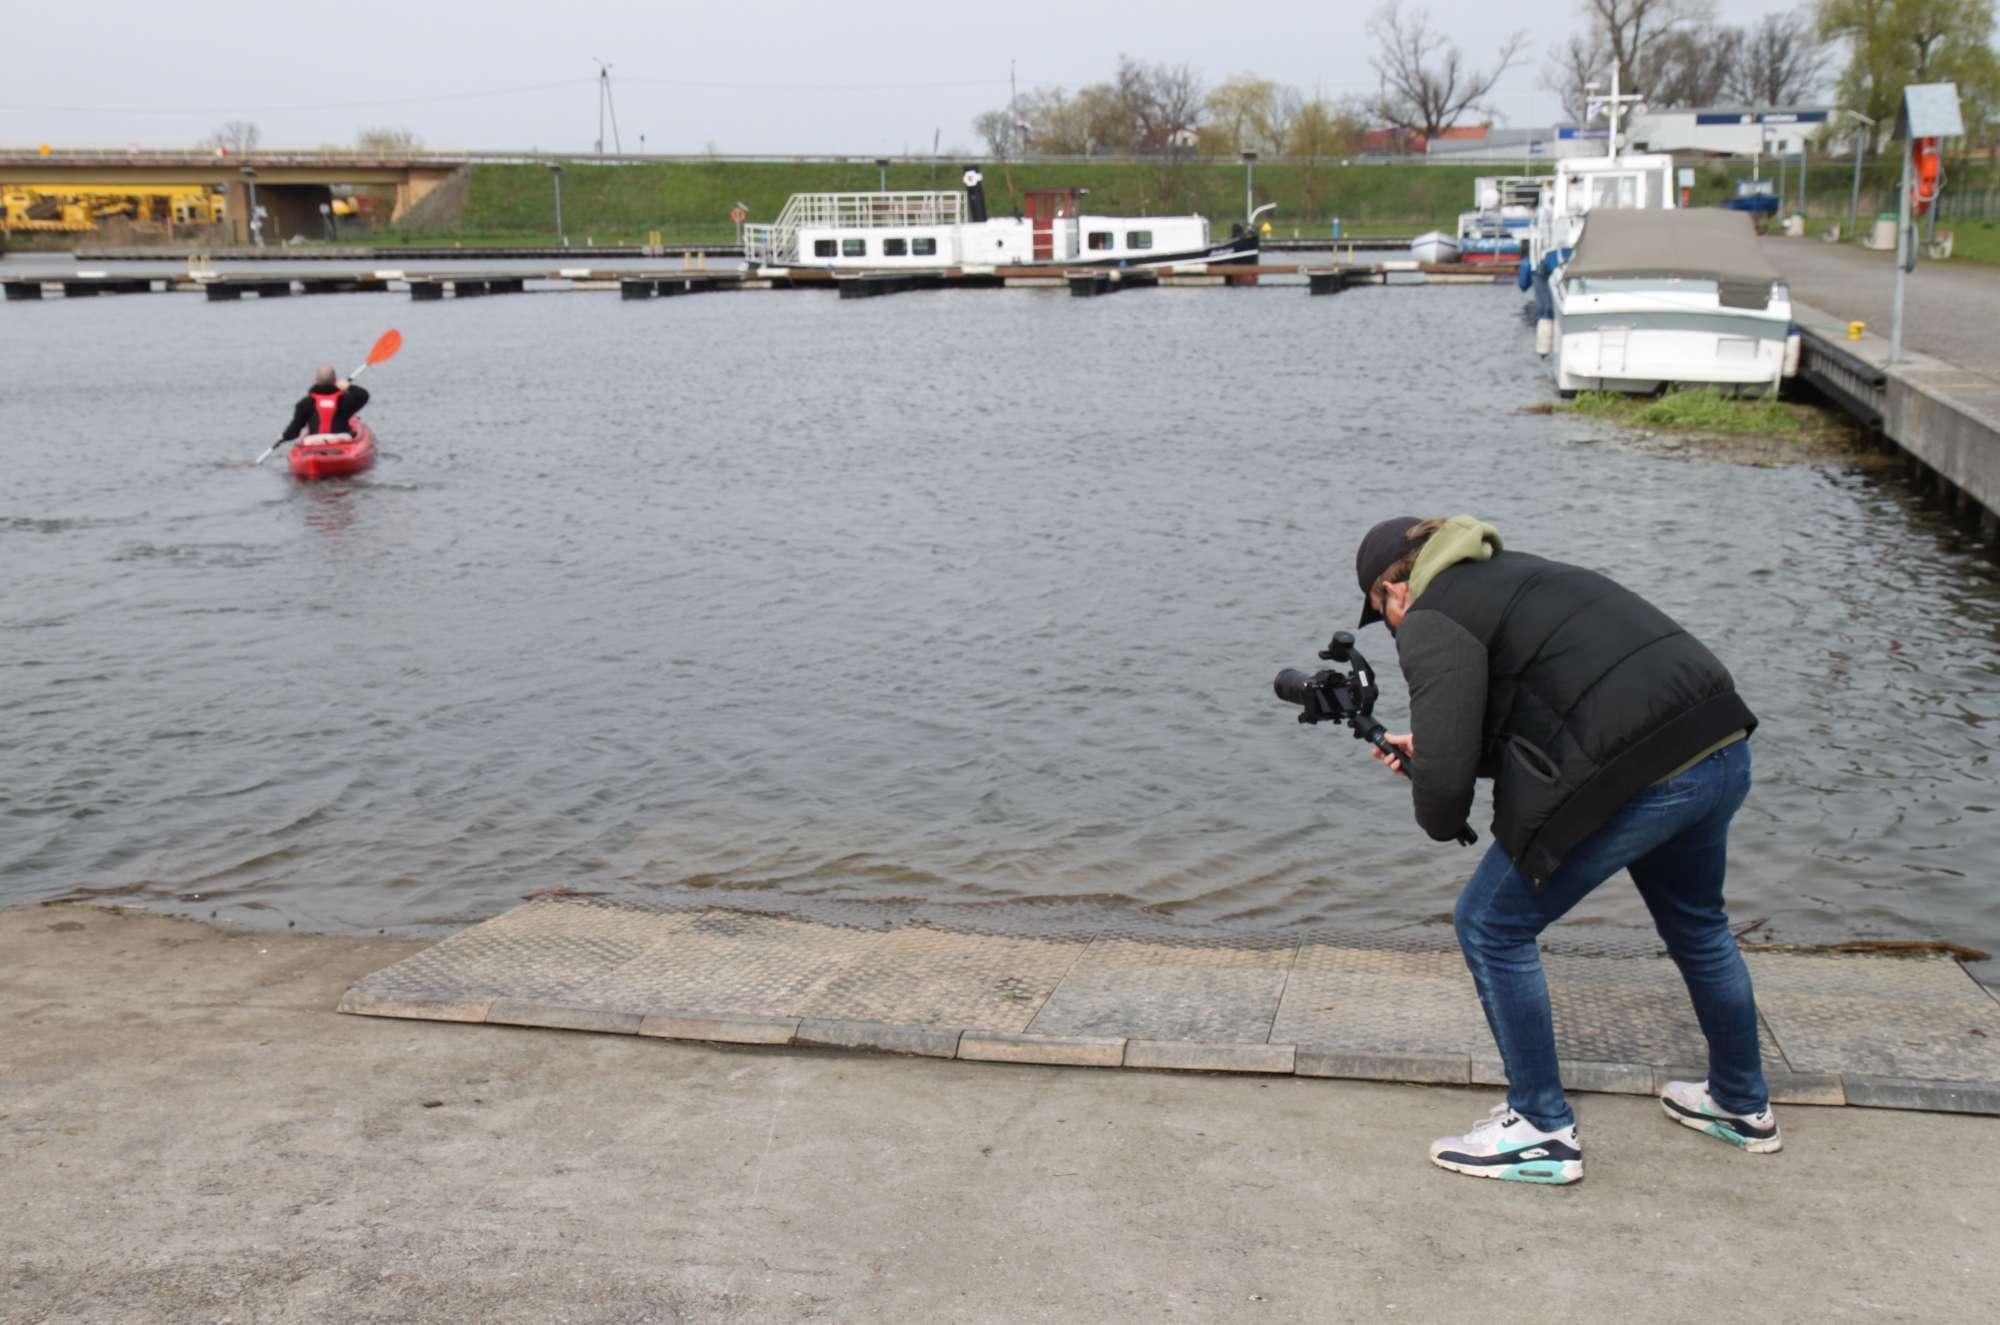 Kręcenie filmu - kamerzysta nagrywa mężczyznę płynącego kajakiem